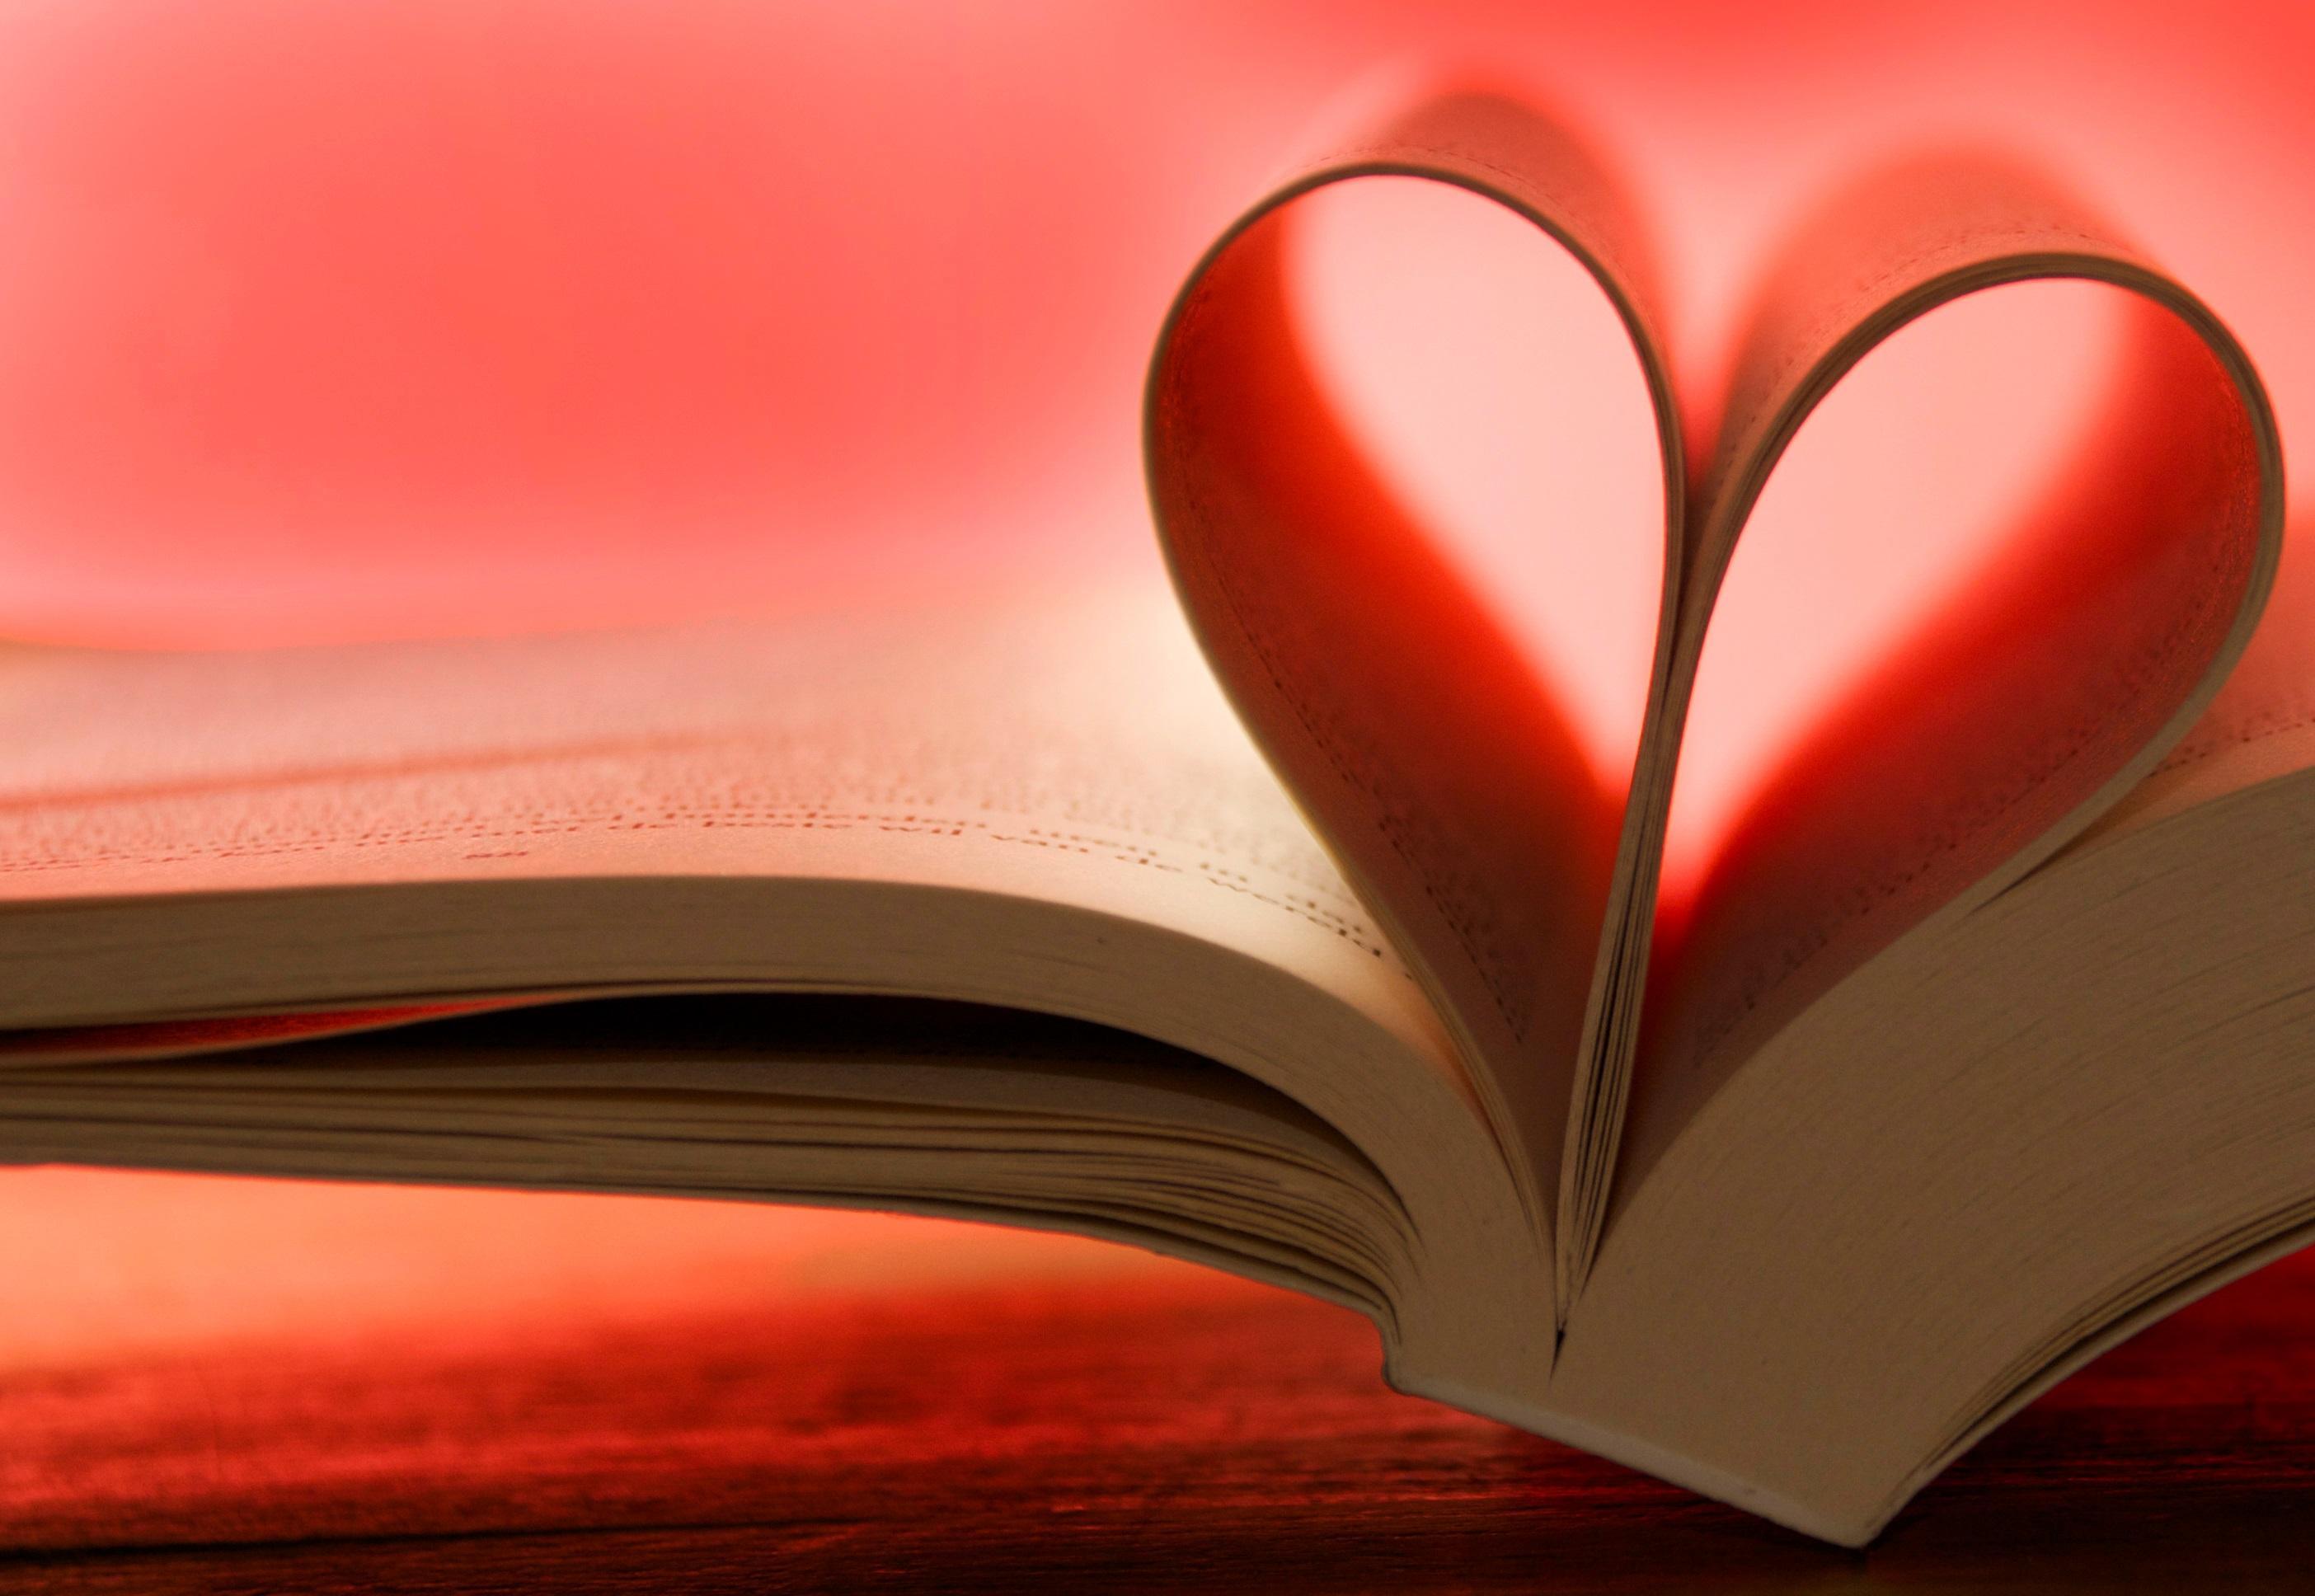 Картинки о книгах и любви